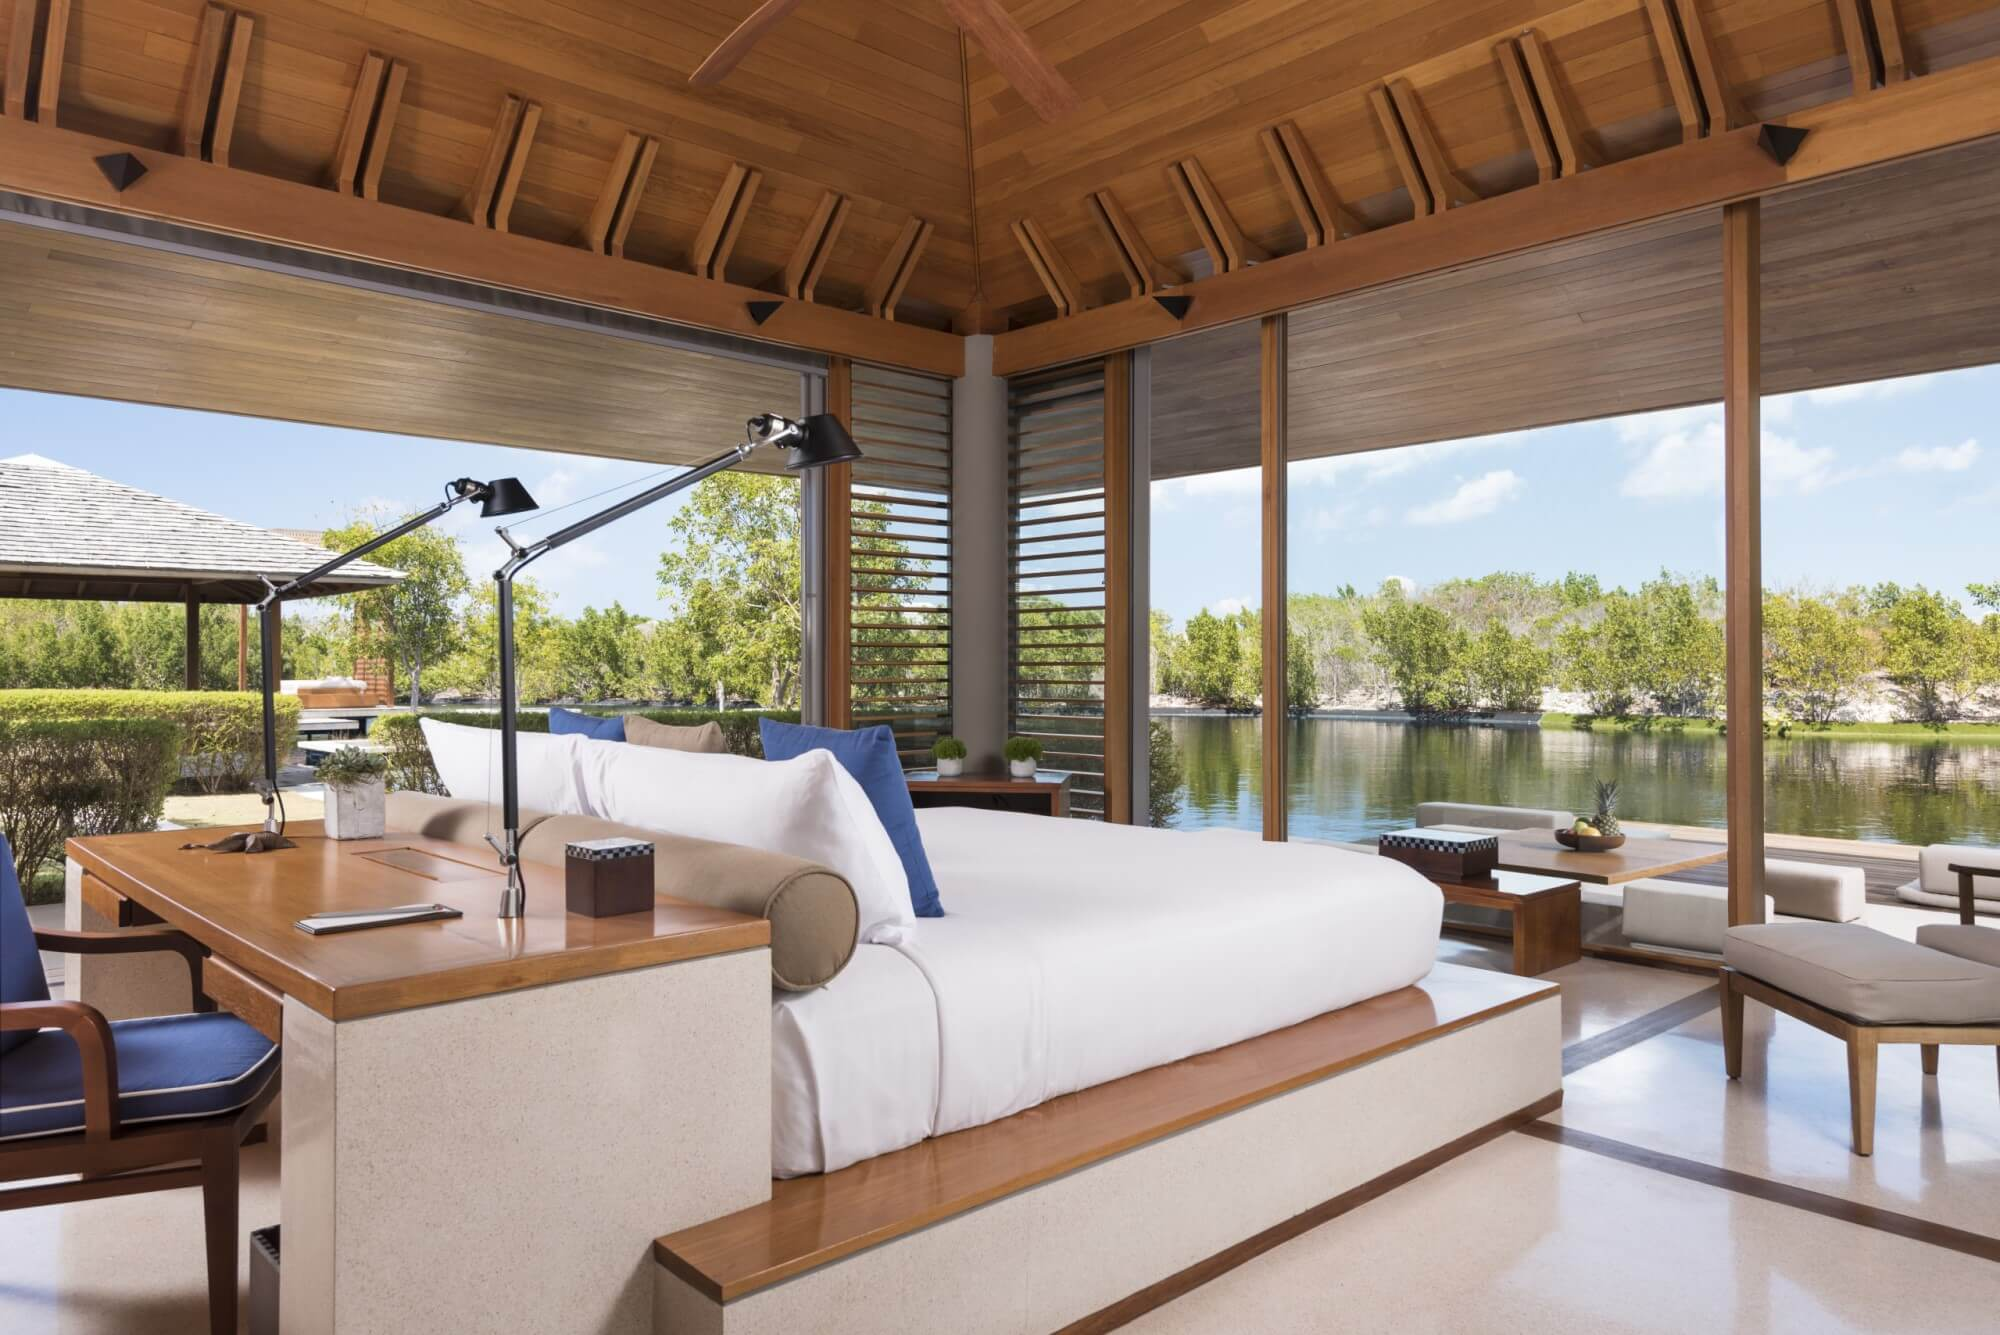 アマンヤラ Amanyara, Turks and Caicos - Villa 9, 4 Bedroom Tranquility Villa2